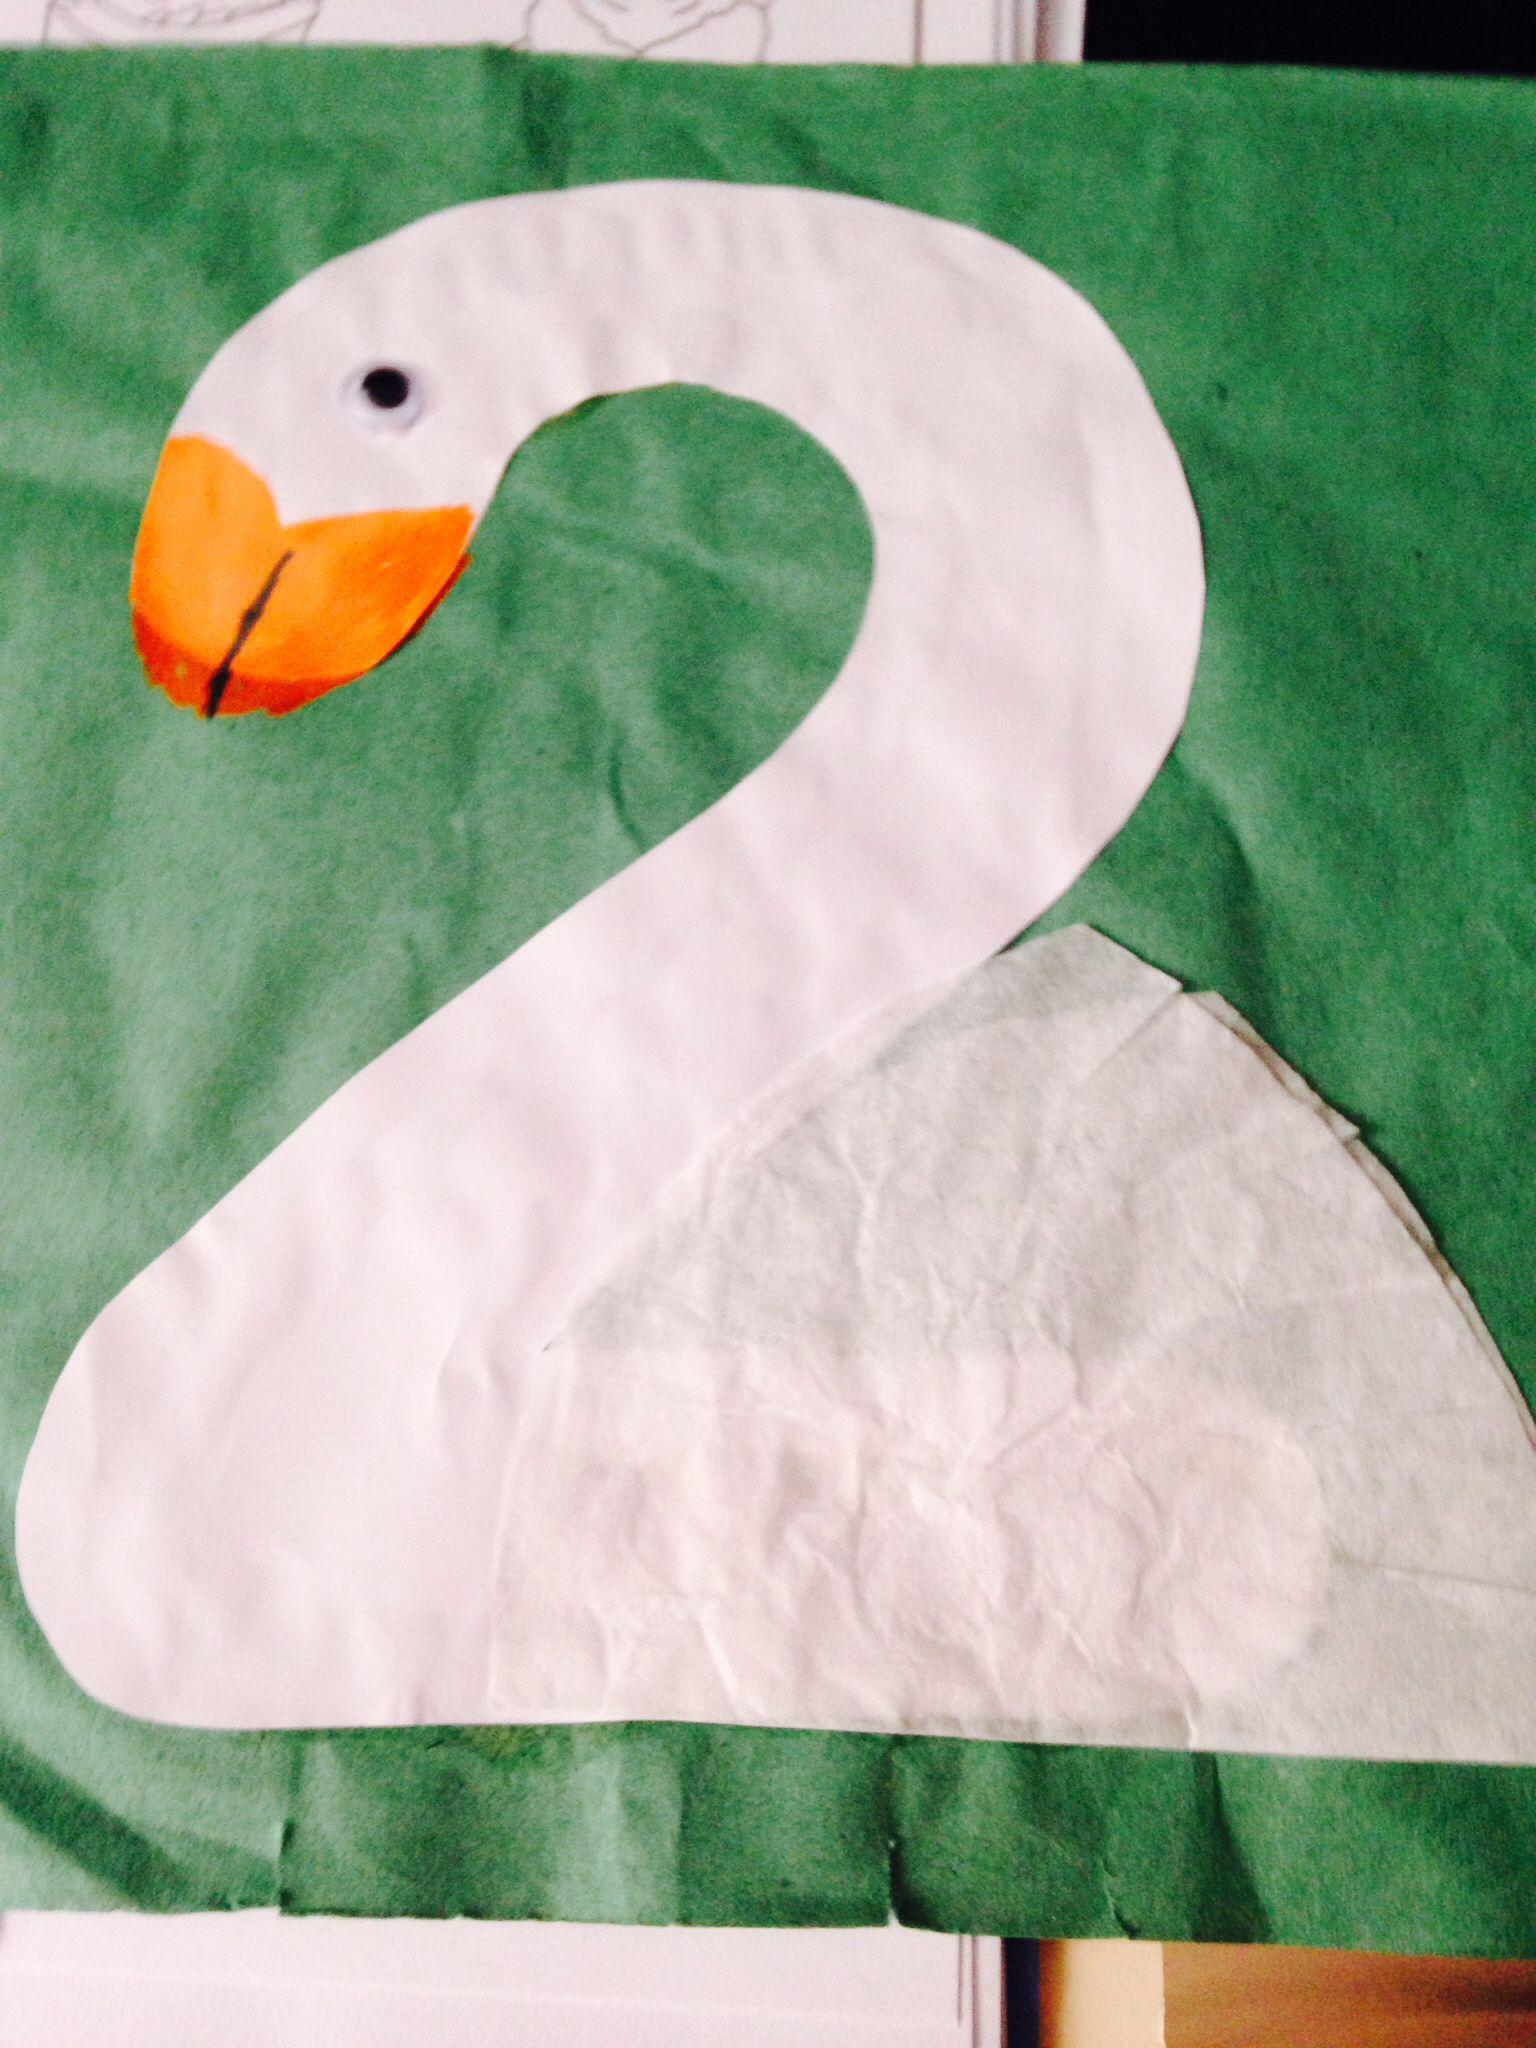 Number 2 swan | road to preschool fun | Pinterest | Swans ...